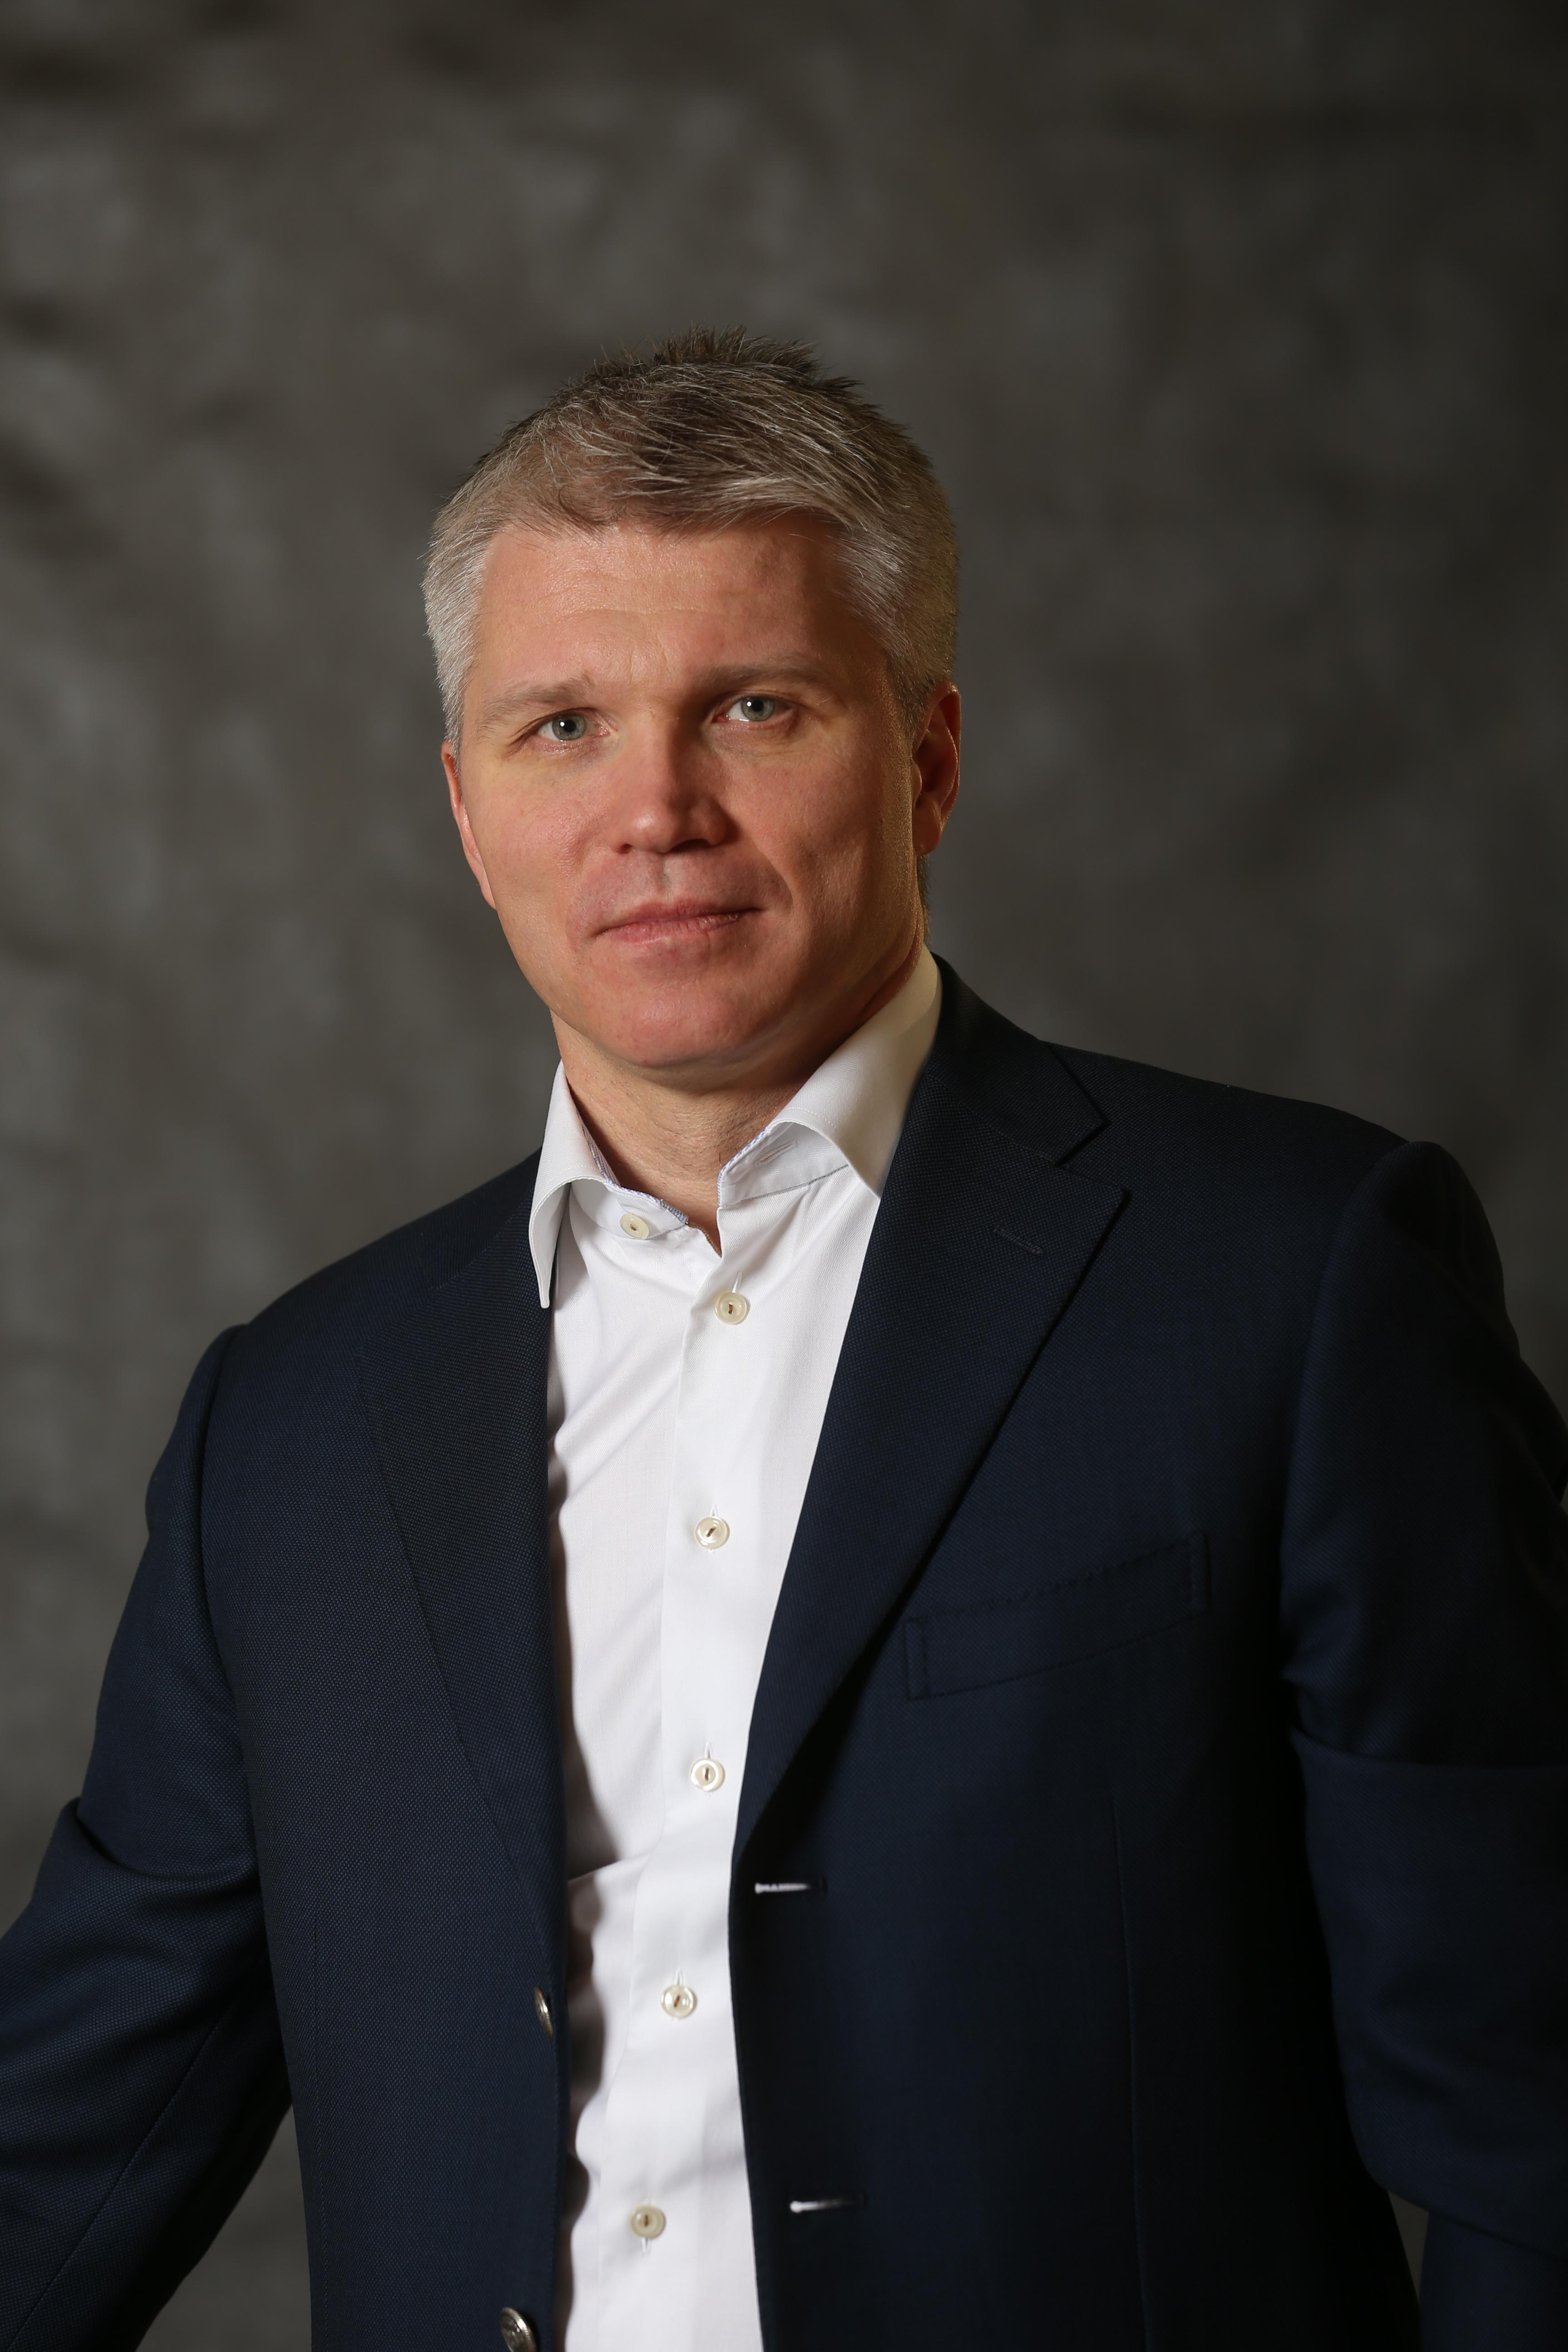 Павел Колобков, Министр спорта РФ, приглашает экспертов на ТБ Форум 2018